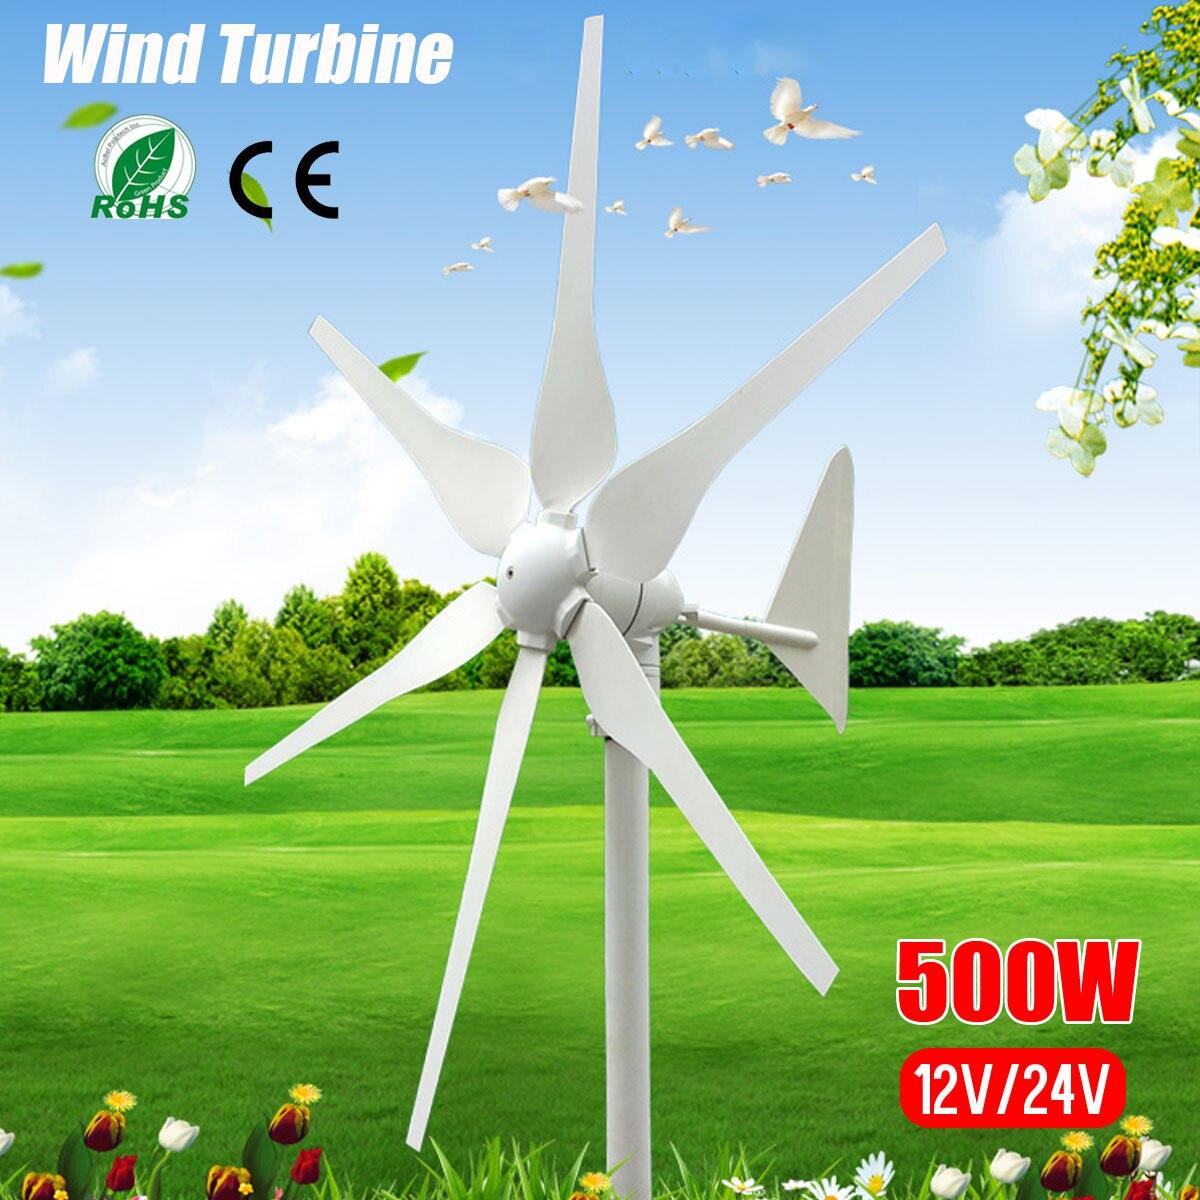 500 DC 12 В/24 В 2019 Вт 6 лезвий миниатюрные ветровые турбины жилой дом ветровые турбины генератор со встроенным контроллером для дома